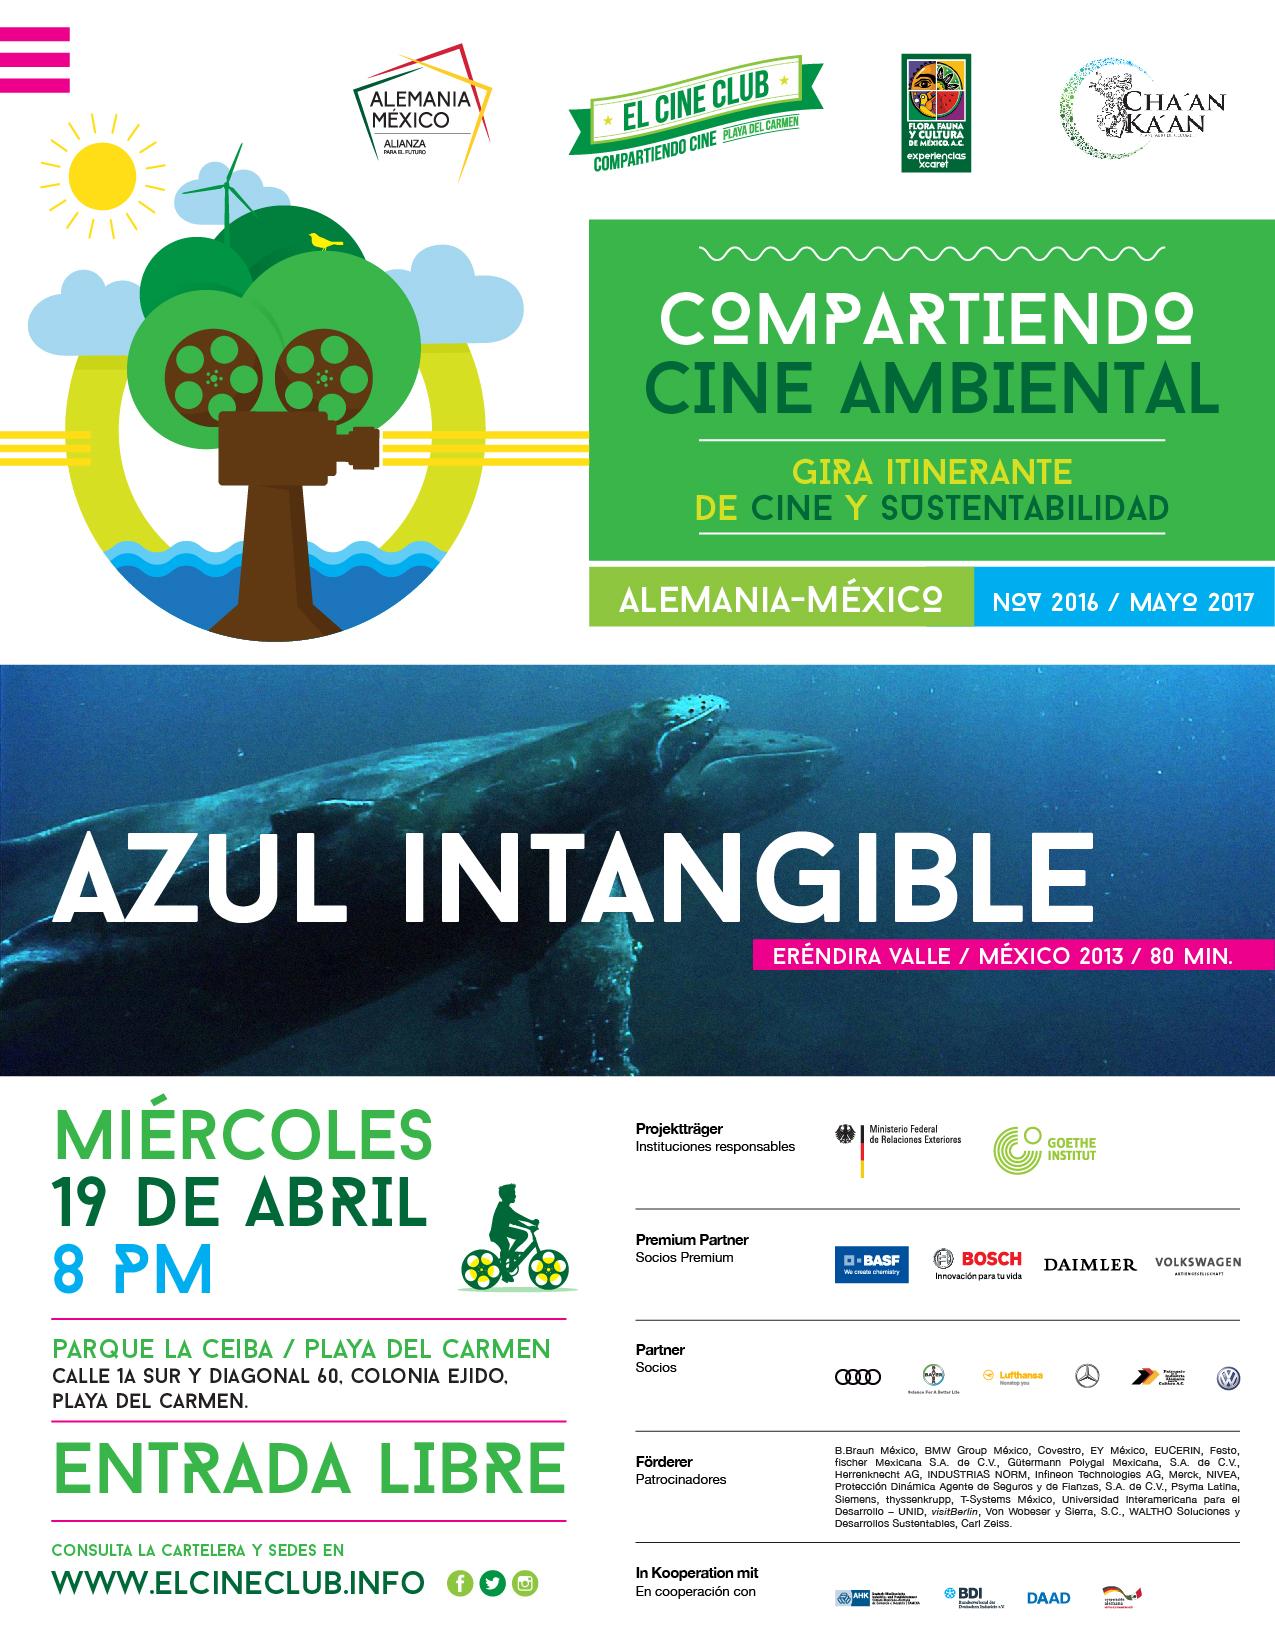 Azul_Intangible_Cozumel-37.jpg